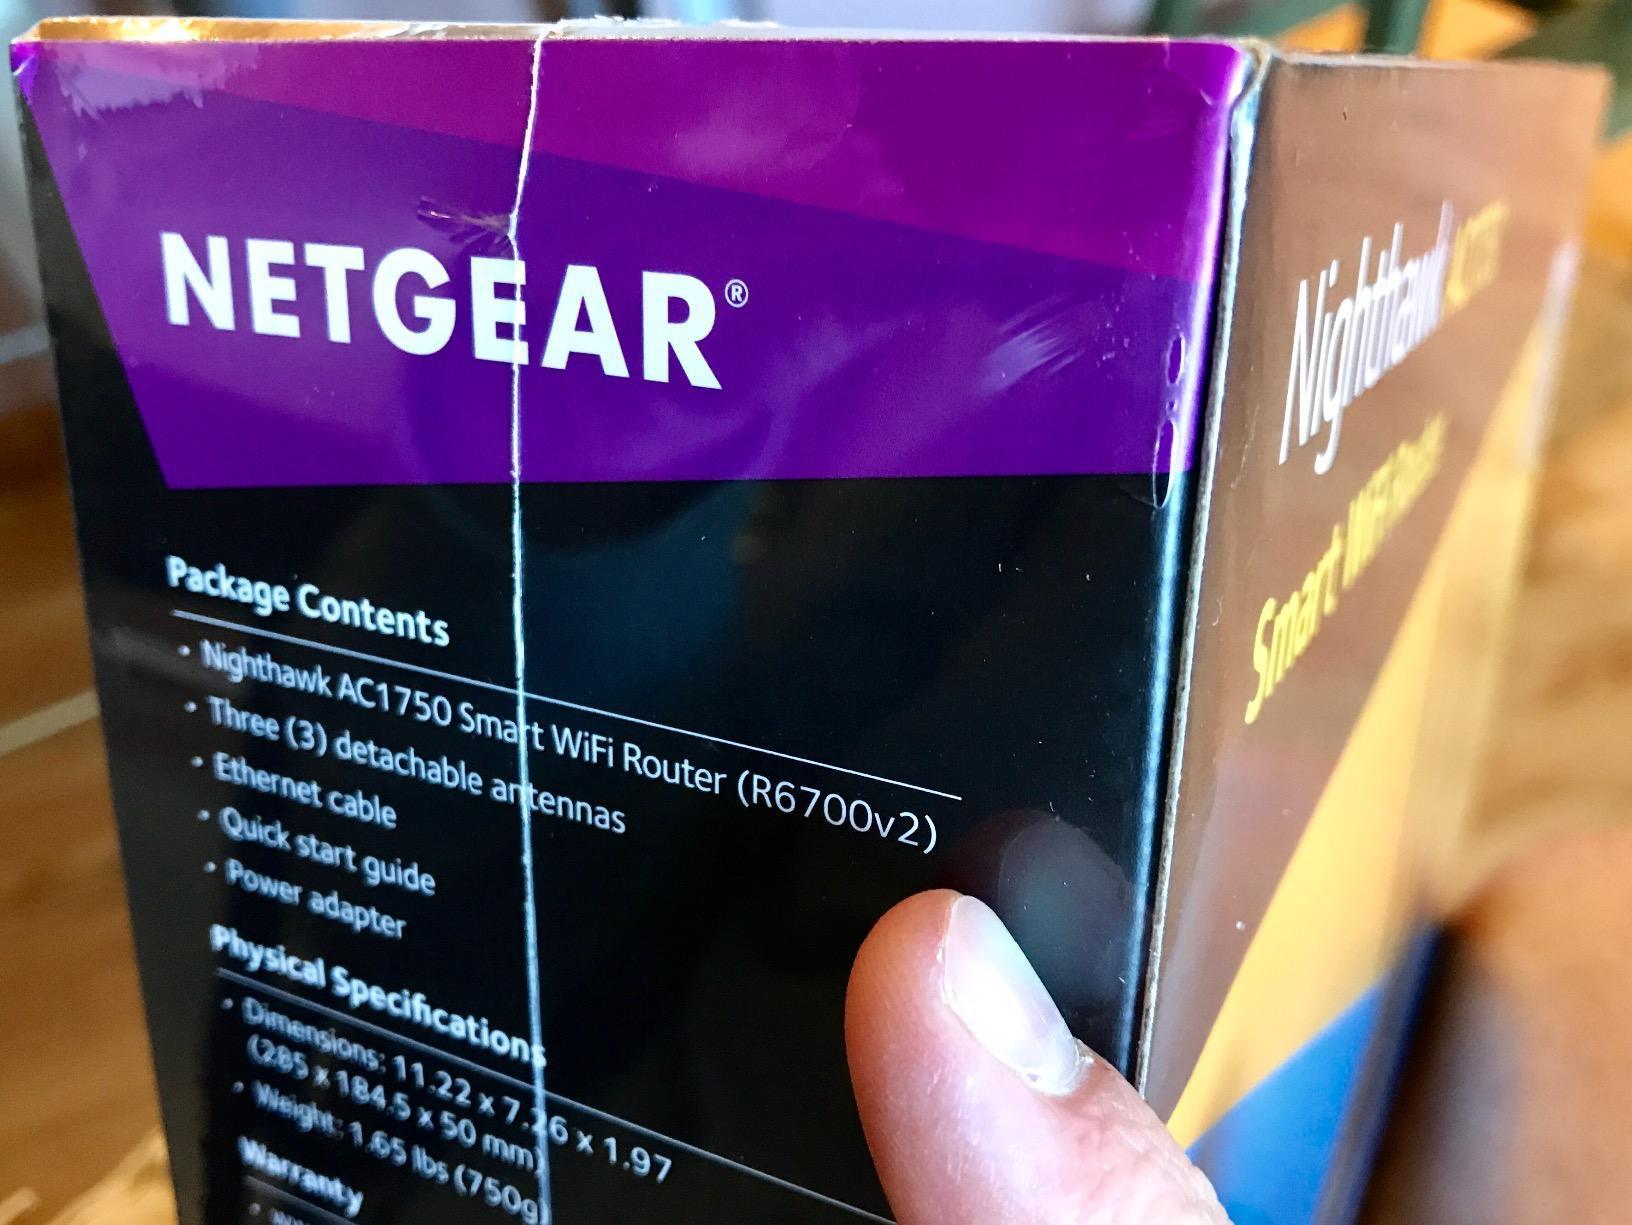 NETGEAR Nighthawk Smart WiFi Router (R6700) - AC1750 Wireless Speed